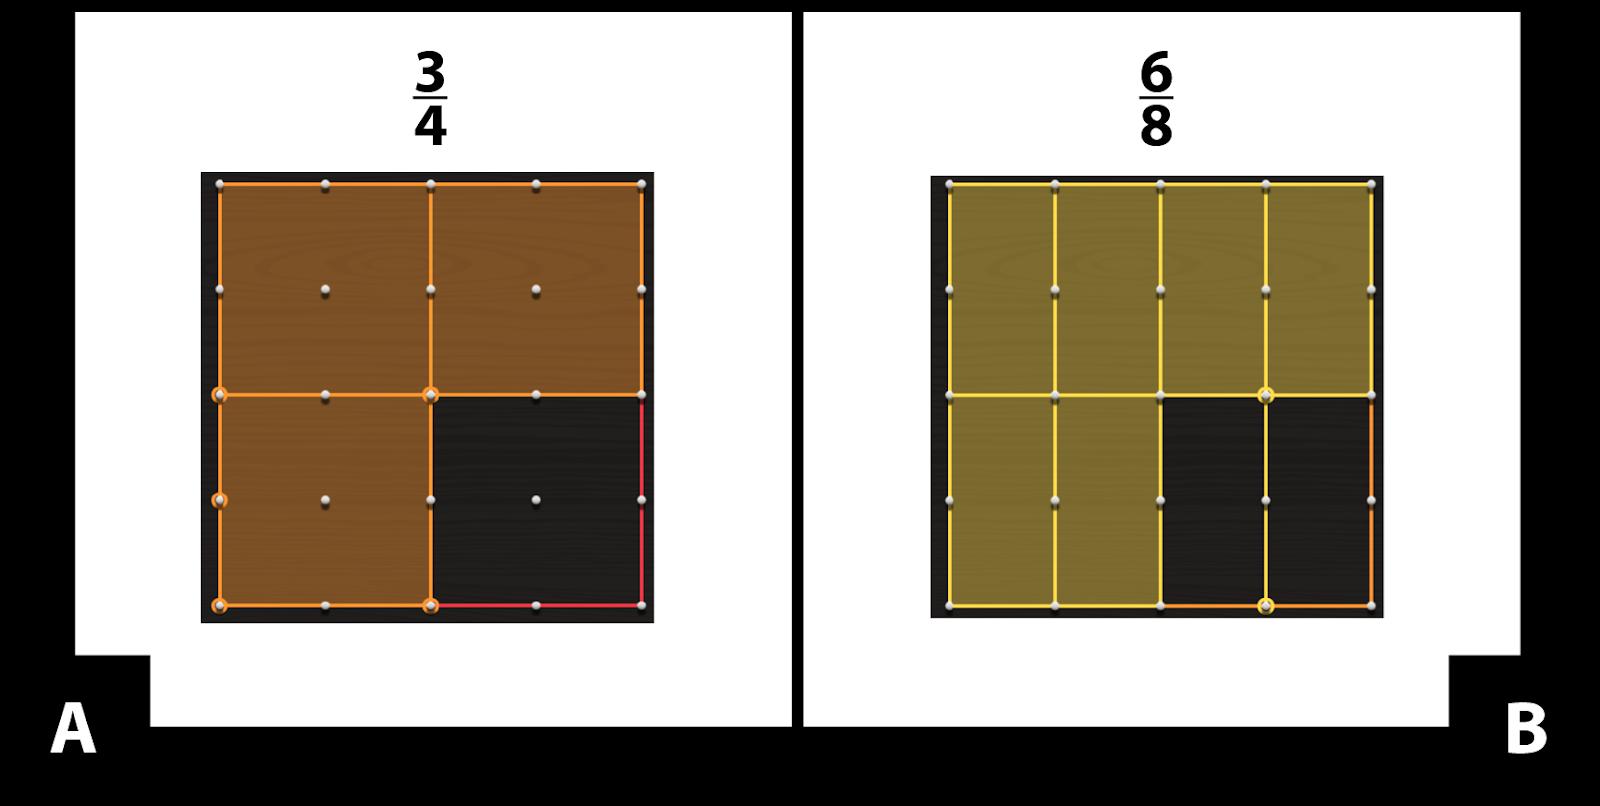 A: Una geotabla muestra 3 de 4 partes iguales sombreadas en anaranjado. 3 cuartos. B: Una geotabla muestra 6 de 8 partes iguales sombreadas en amarillo. 6 octavos. El número de partes sombreadas en A es menor que el número de partes sombreadas en B, pero representan la misma fracción.